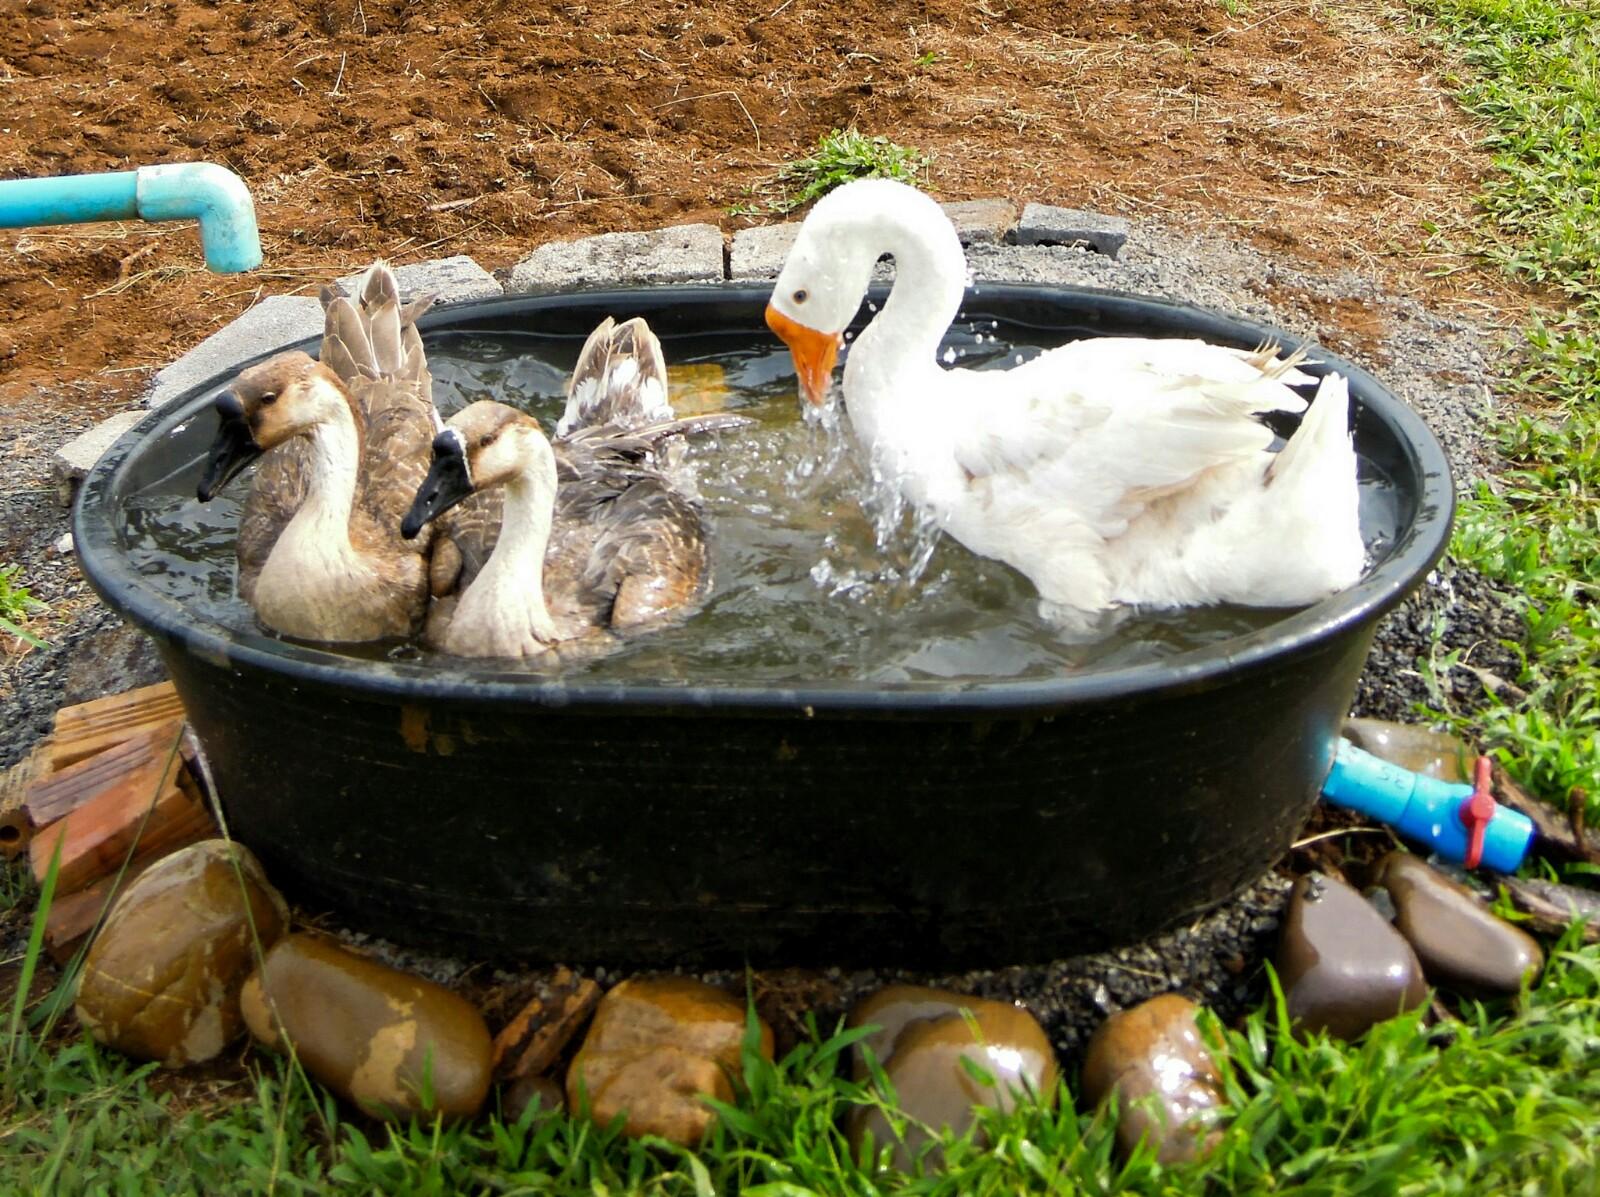 Gänse Wasserstelle Bademöglichkeit Laos organic17